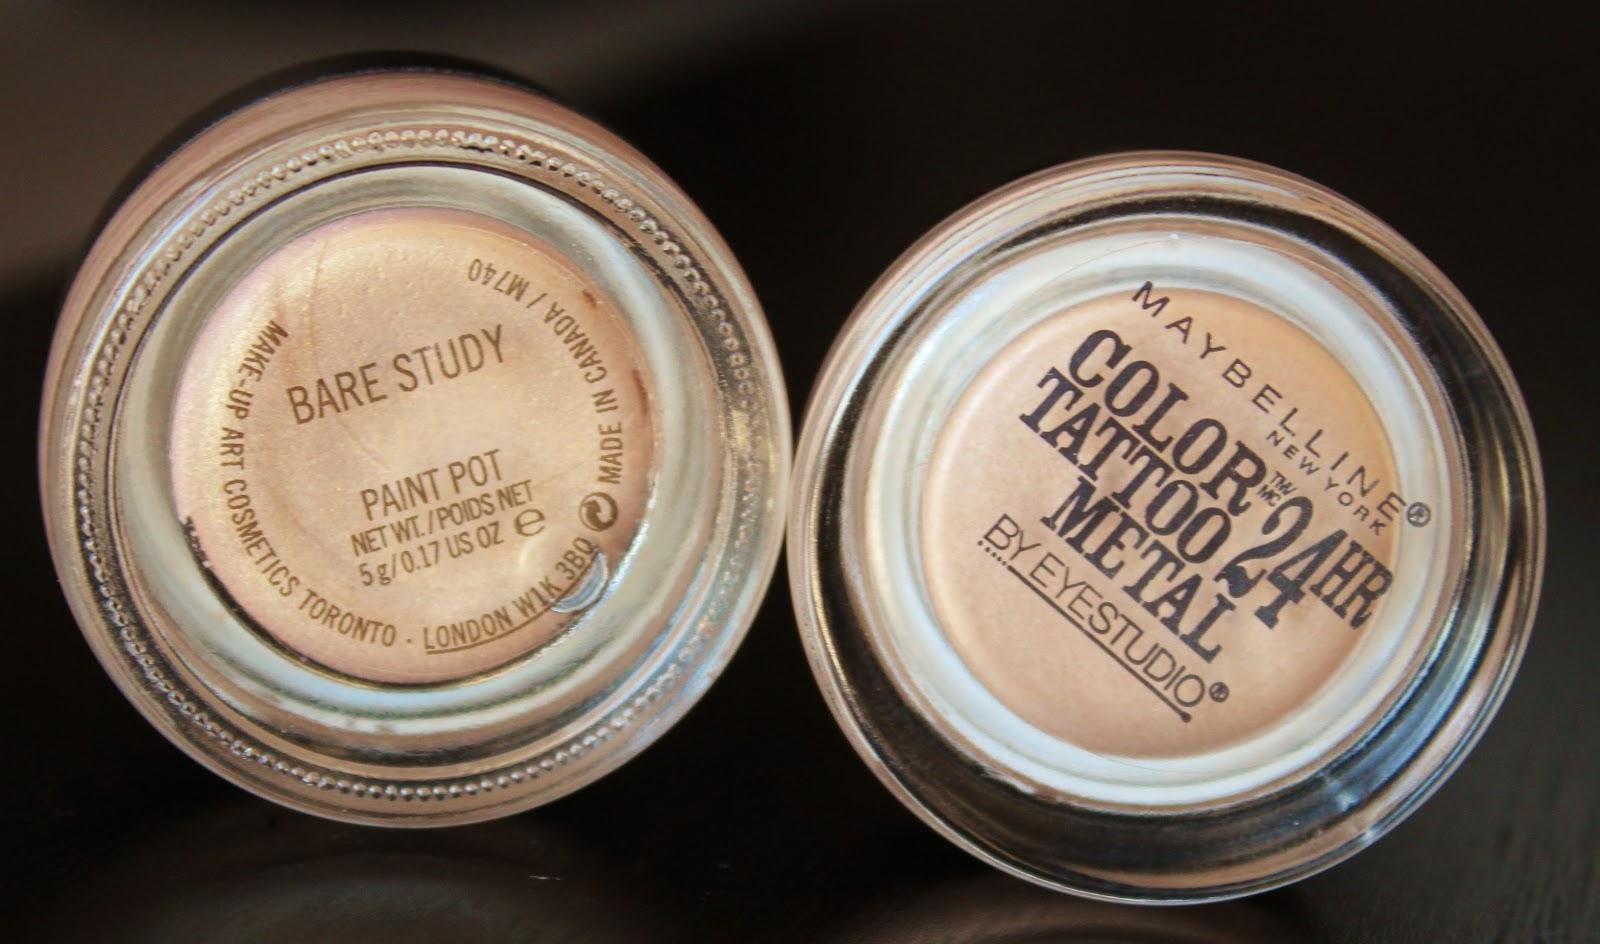 High End Eyeshadow Meets Drugstore Brands